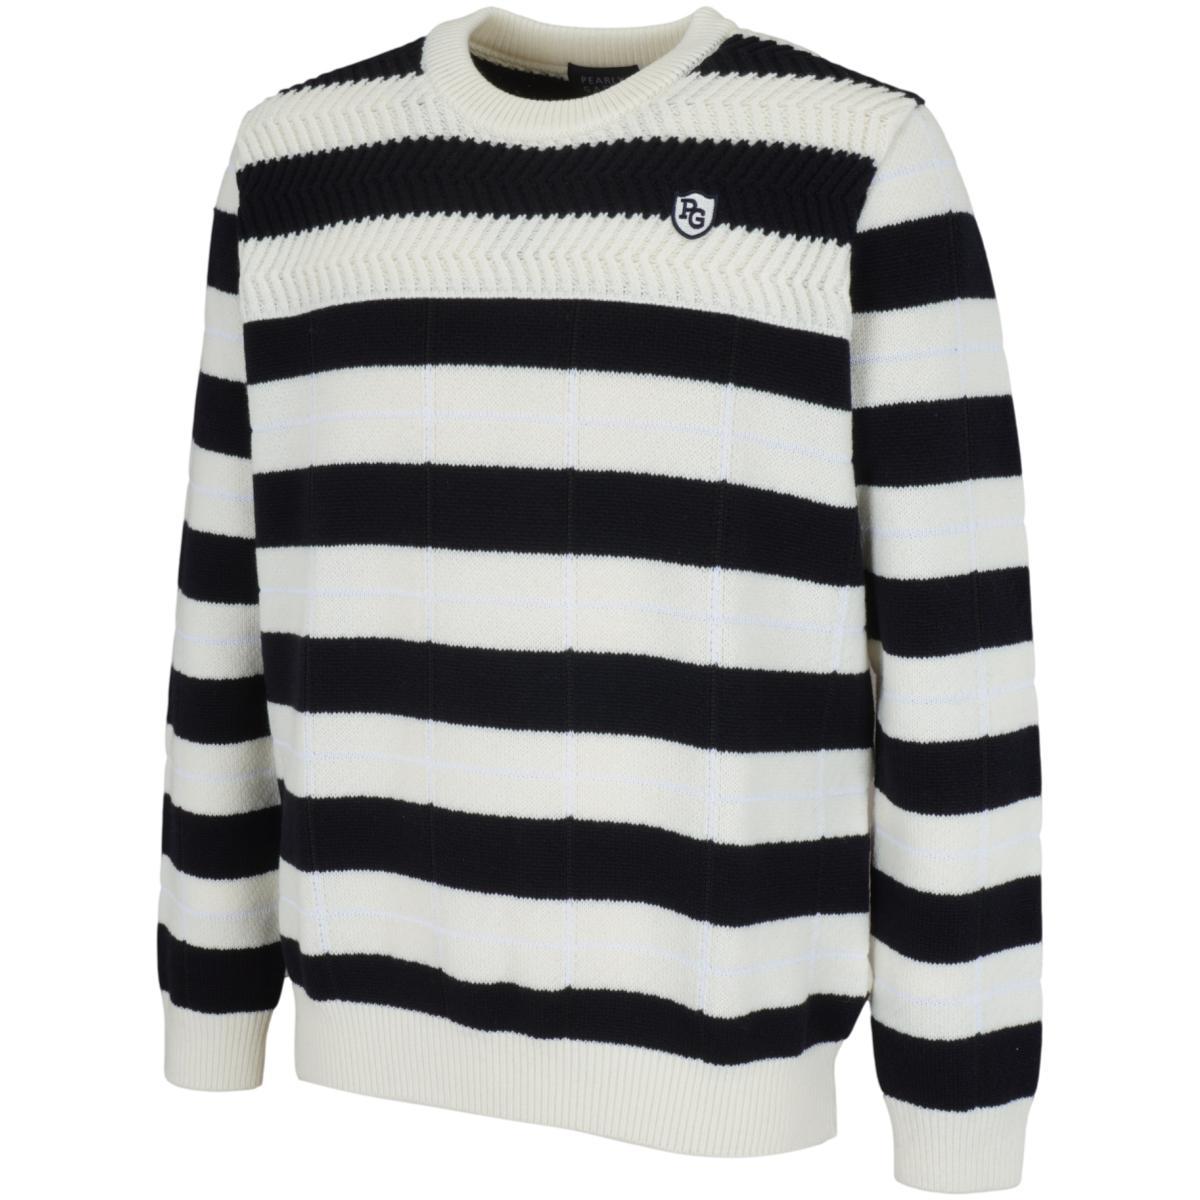 アイリスボーダー/ブラックウォッチ 長袖セーター